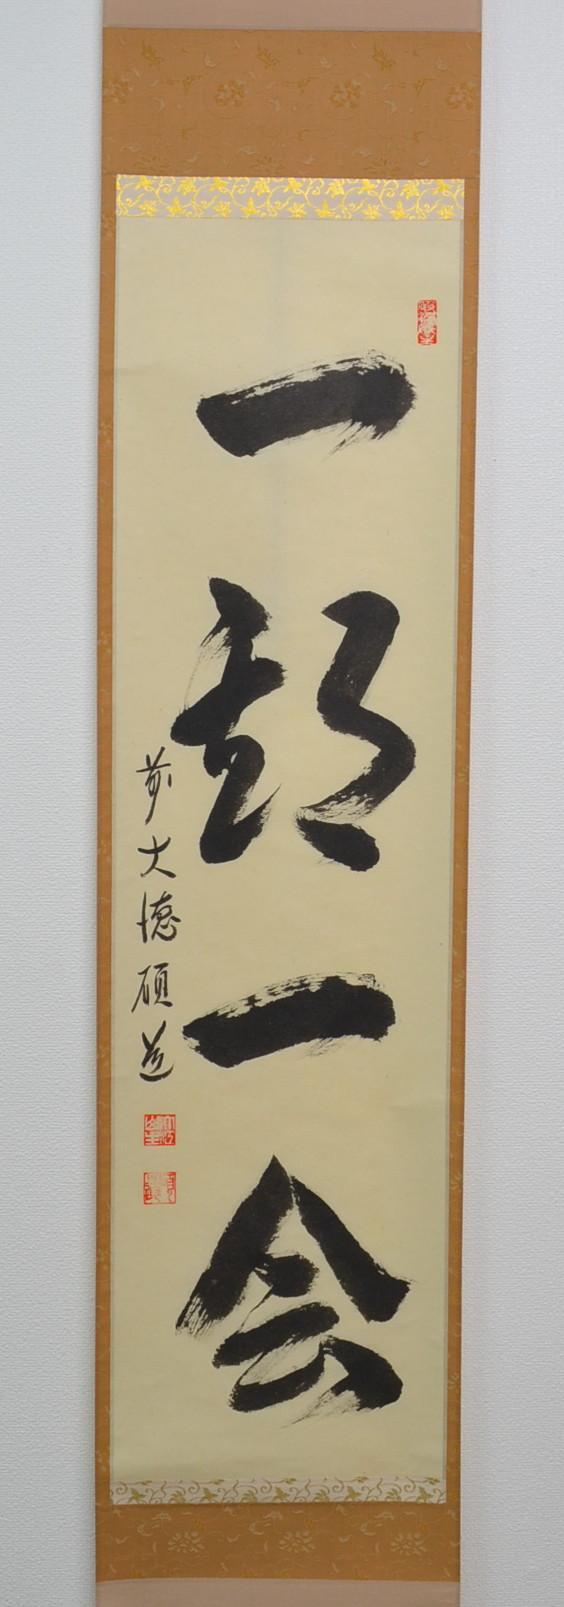 秋吉仙碩道師筆「一期一会」 茶掛け